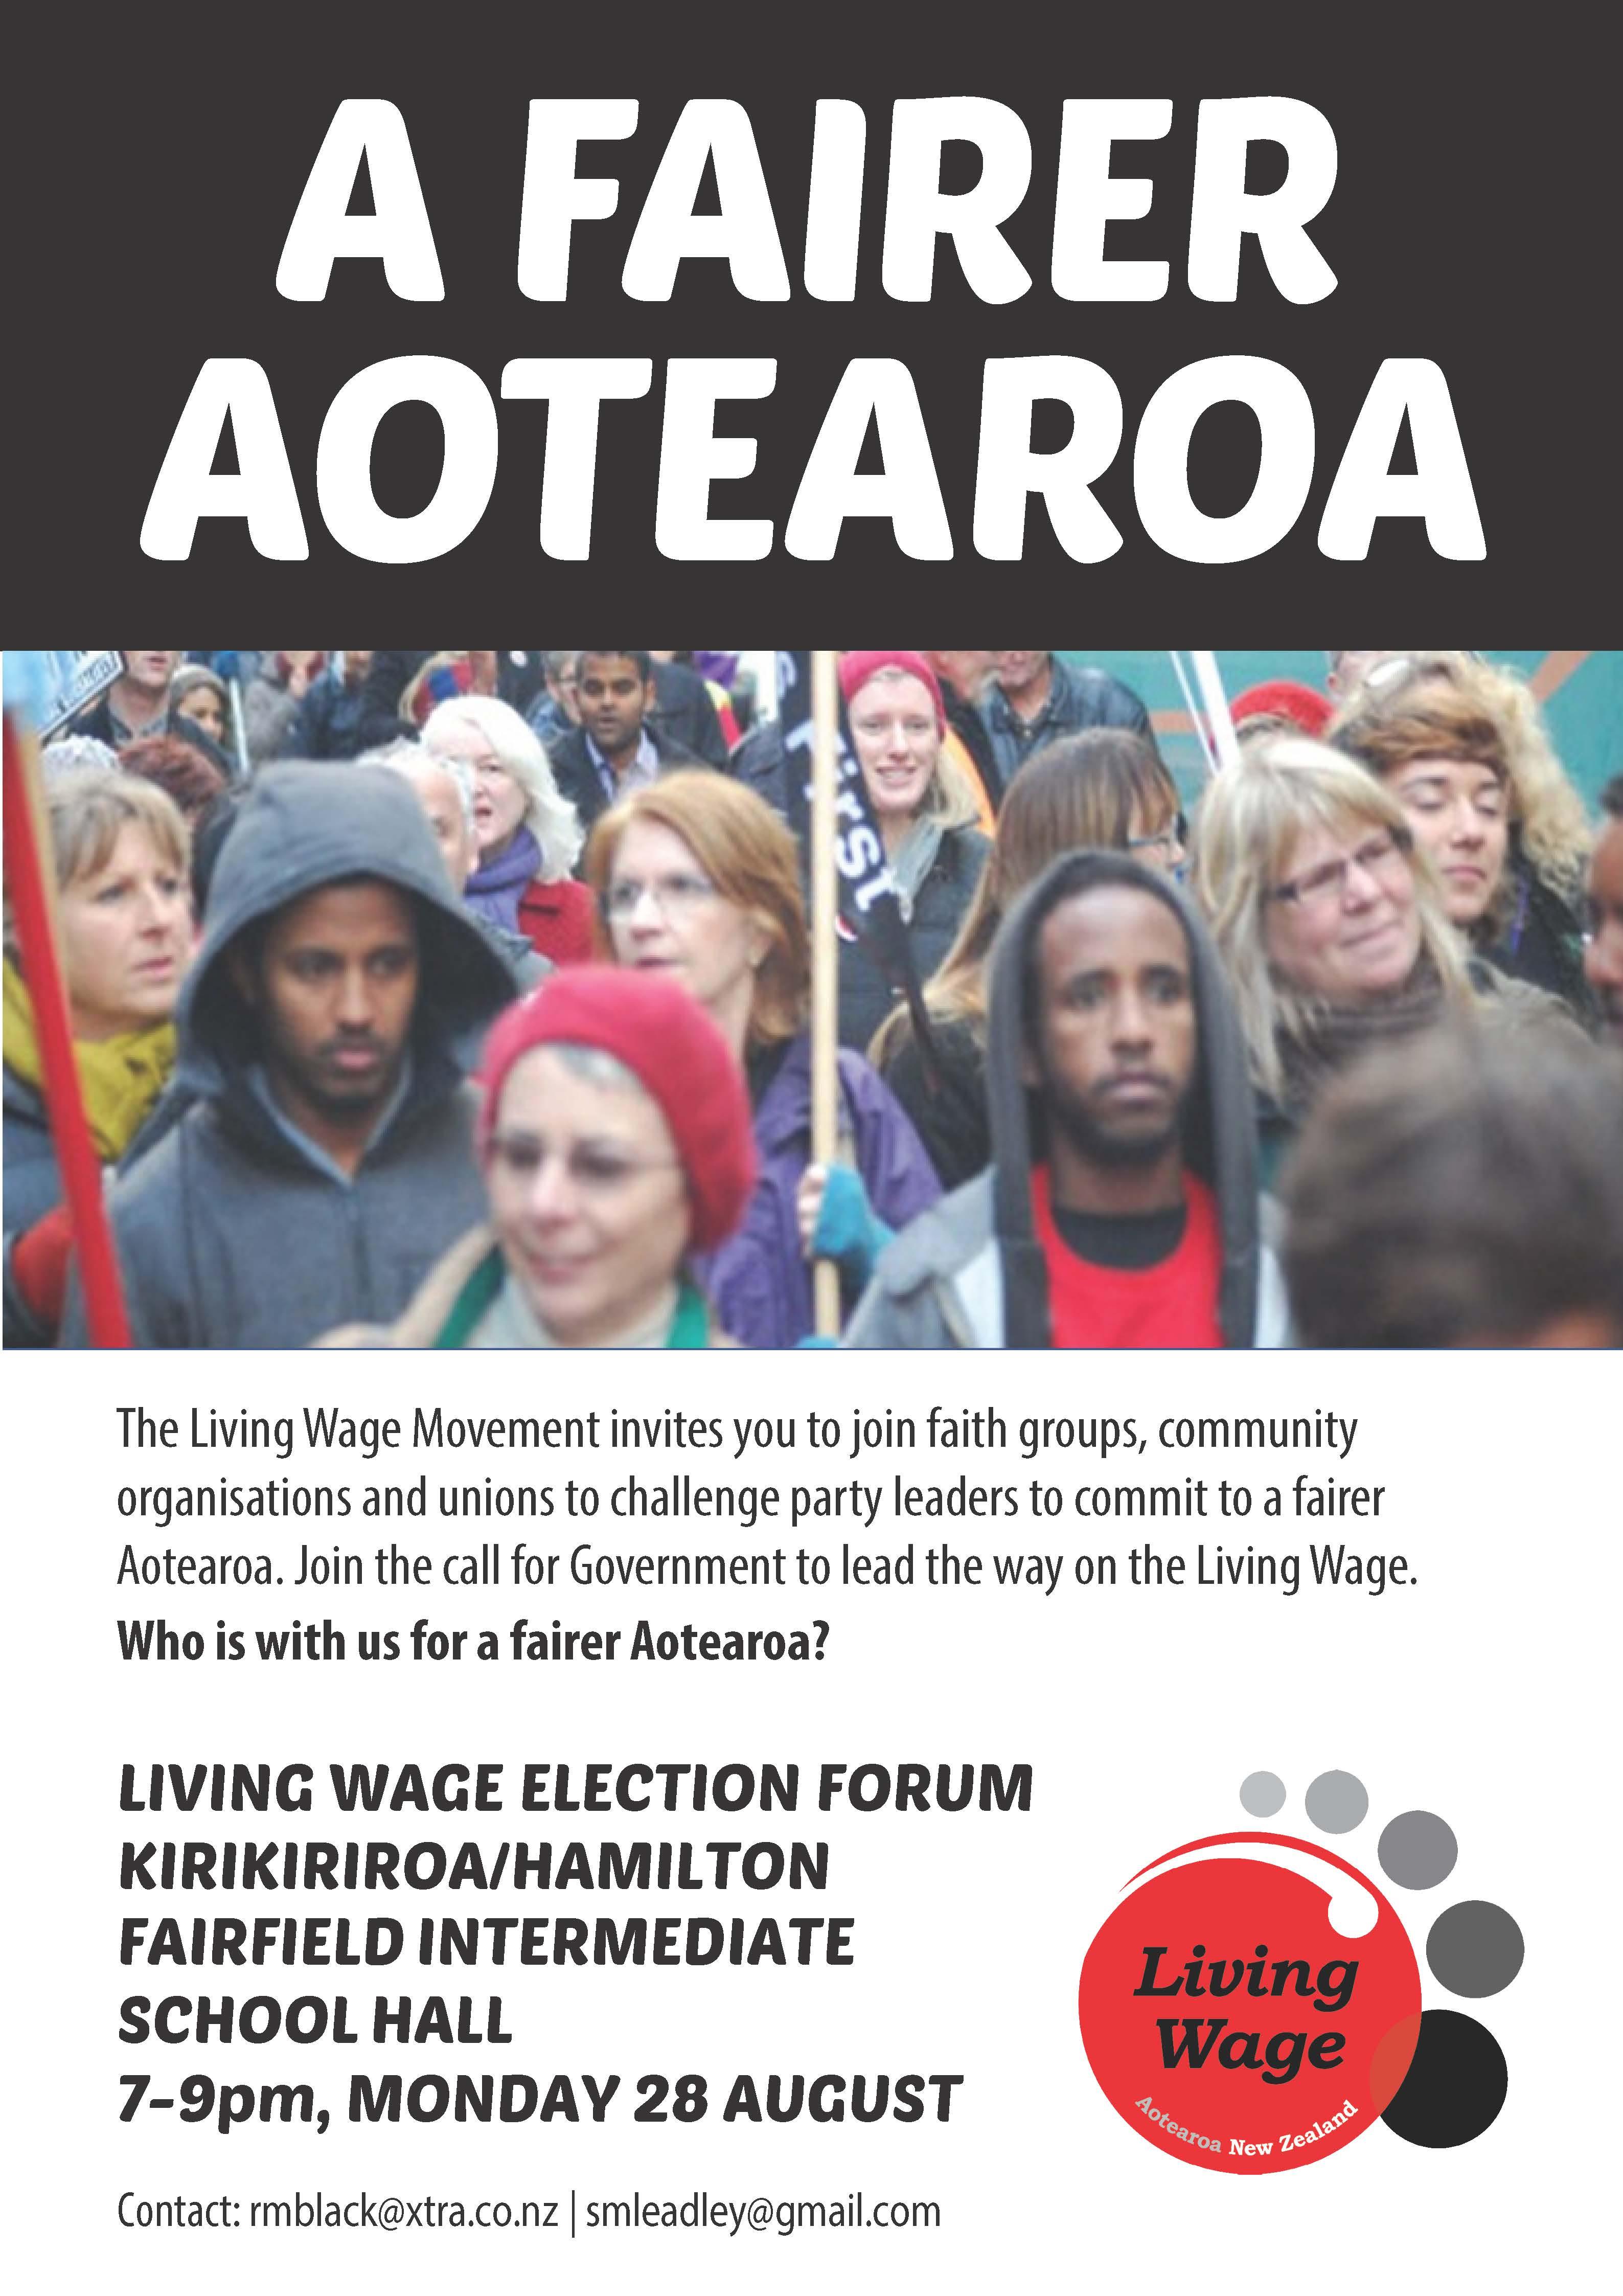 A-Fairer-Aotearoa-Hamilton.jpg